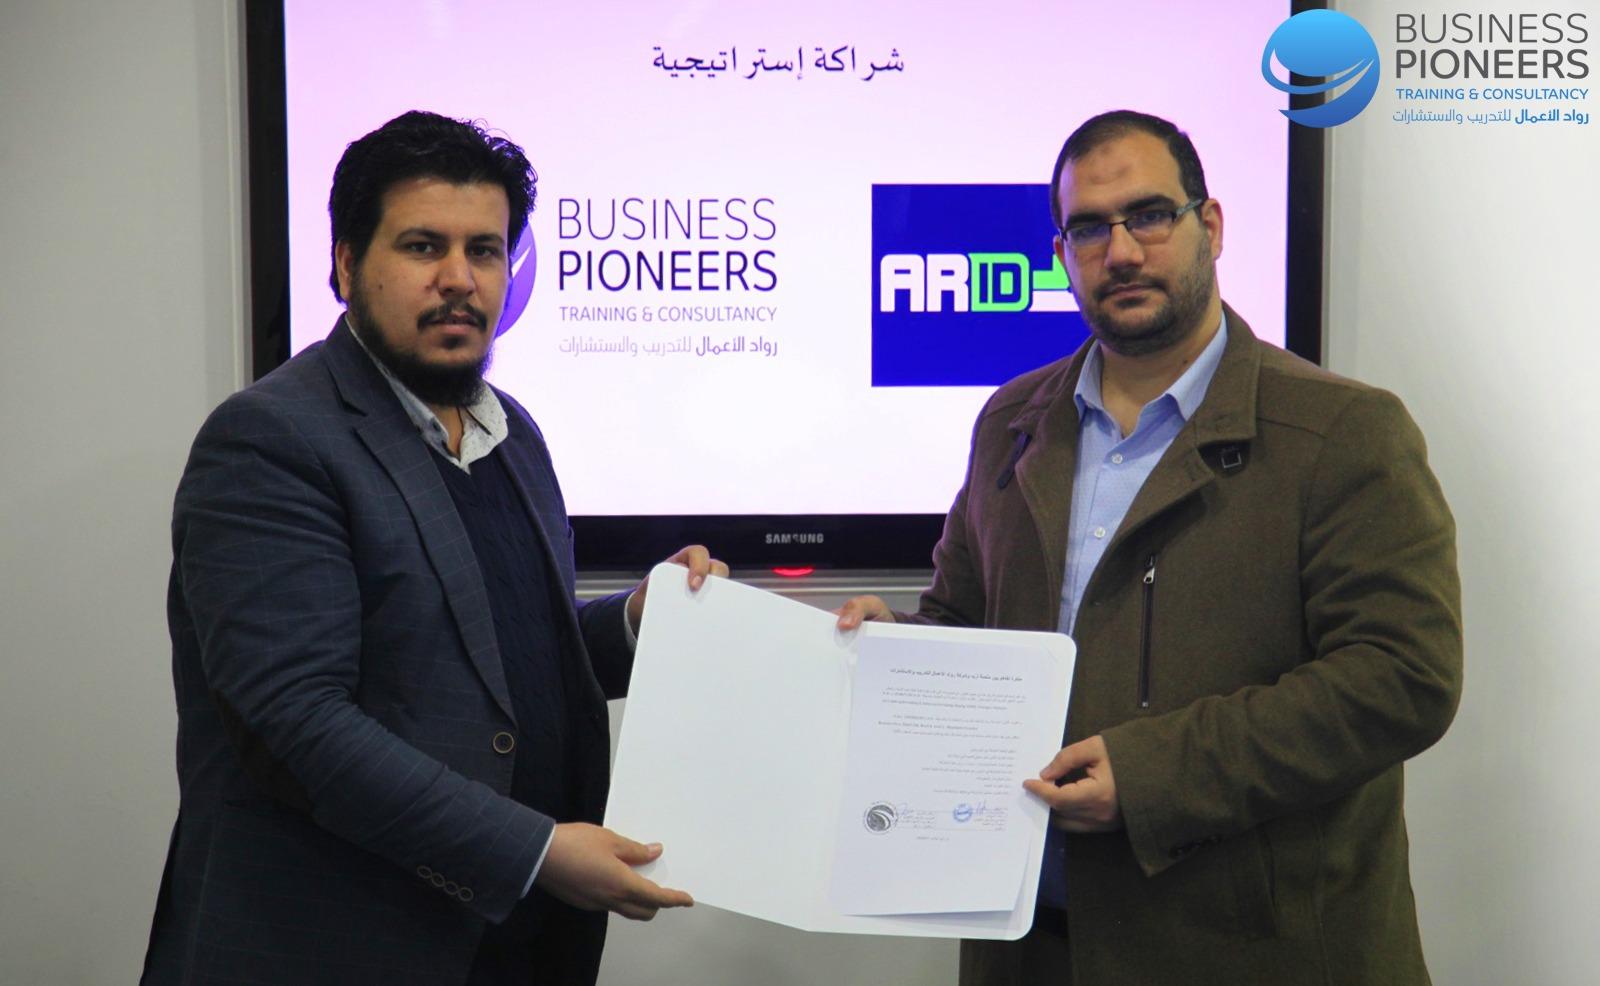 توقيع شراكة استراتيجية بين منصةأريد وشركة رواد الأعمال